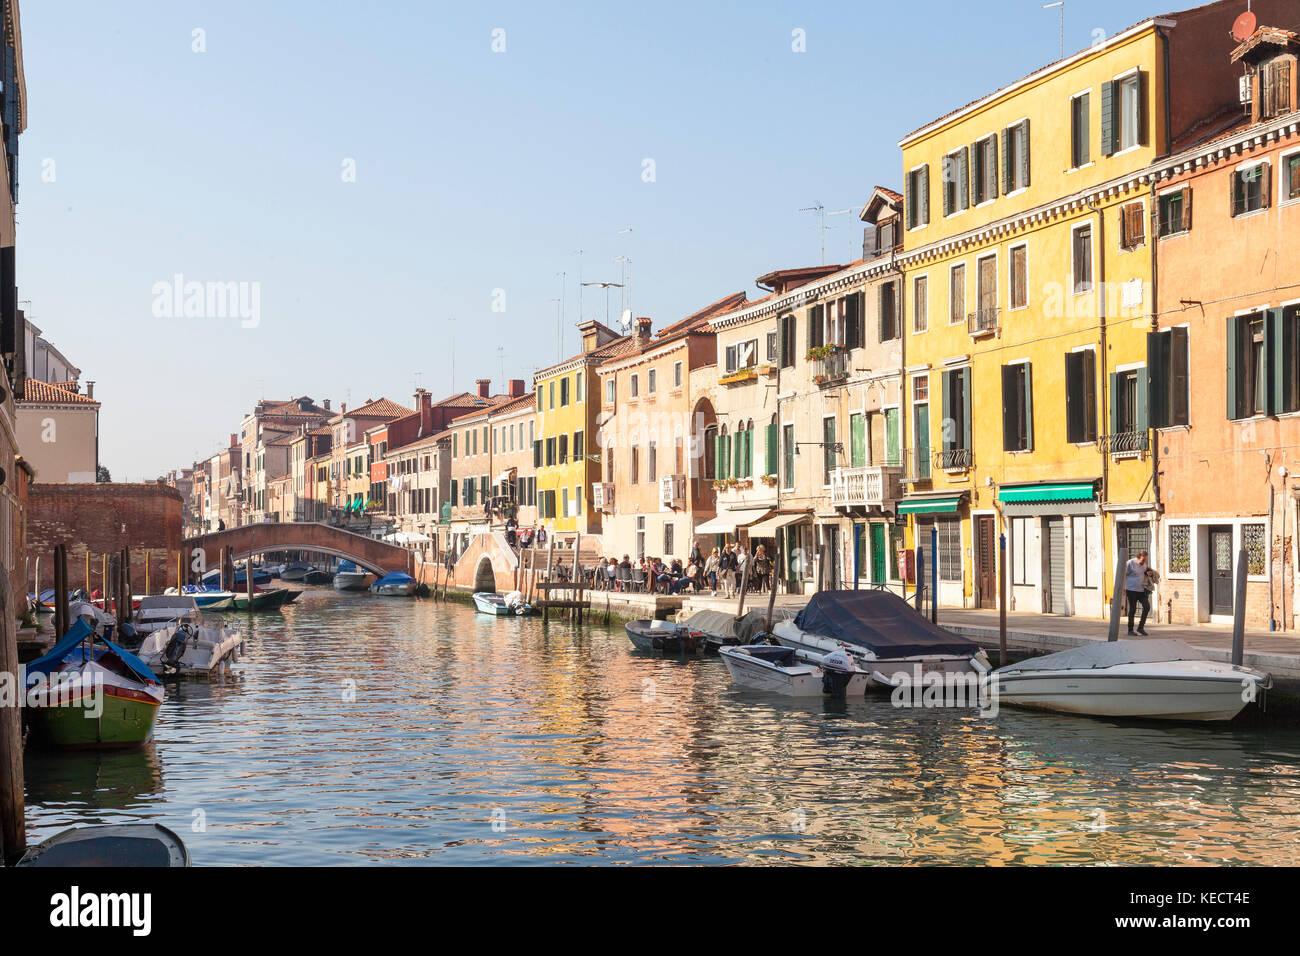 Lumière du soir sur la Fondamenta Ormisini, Cannaregio, Venise, Italie avec reflets dans l'eau potable Photo Stock